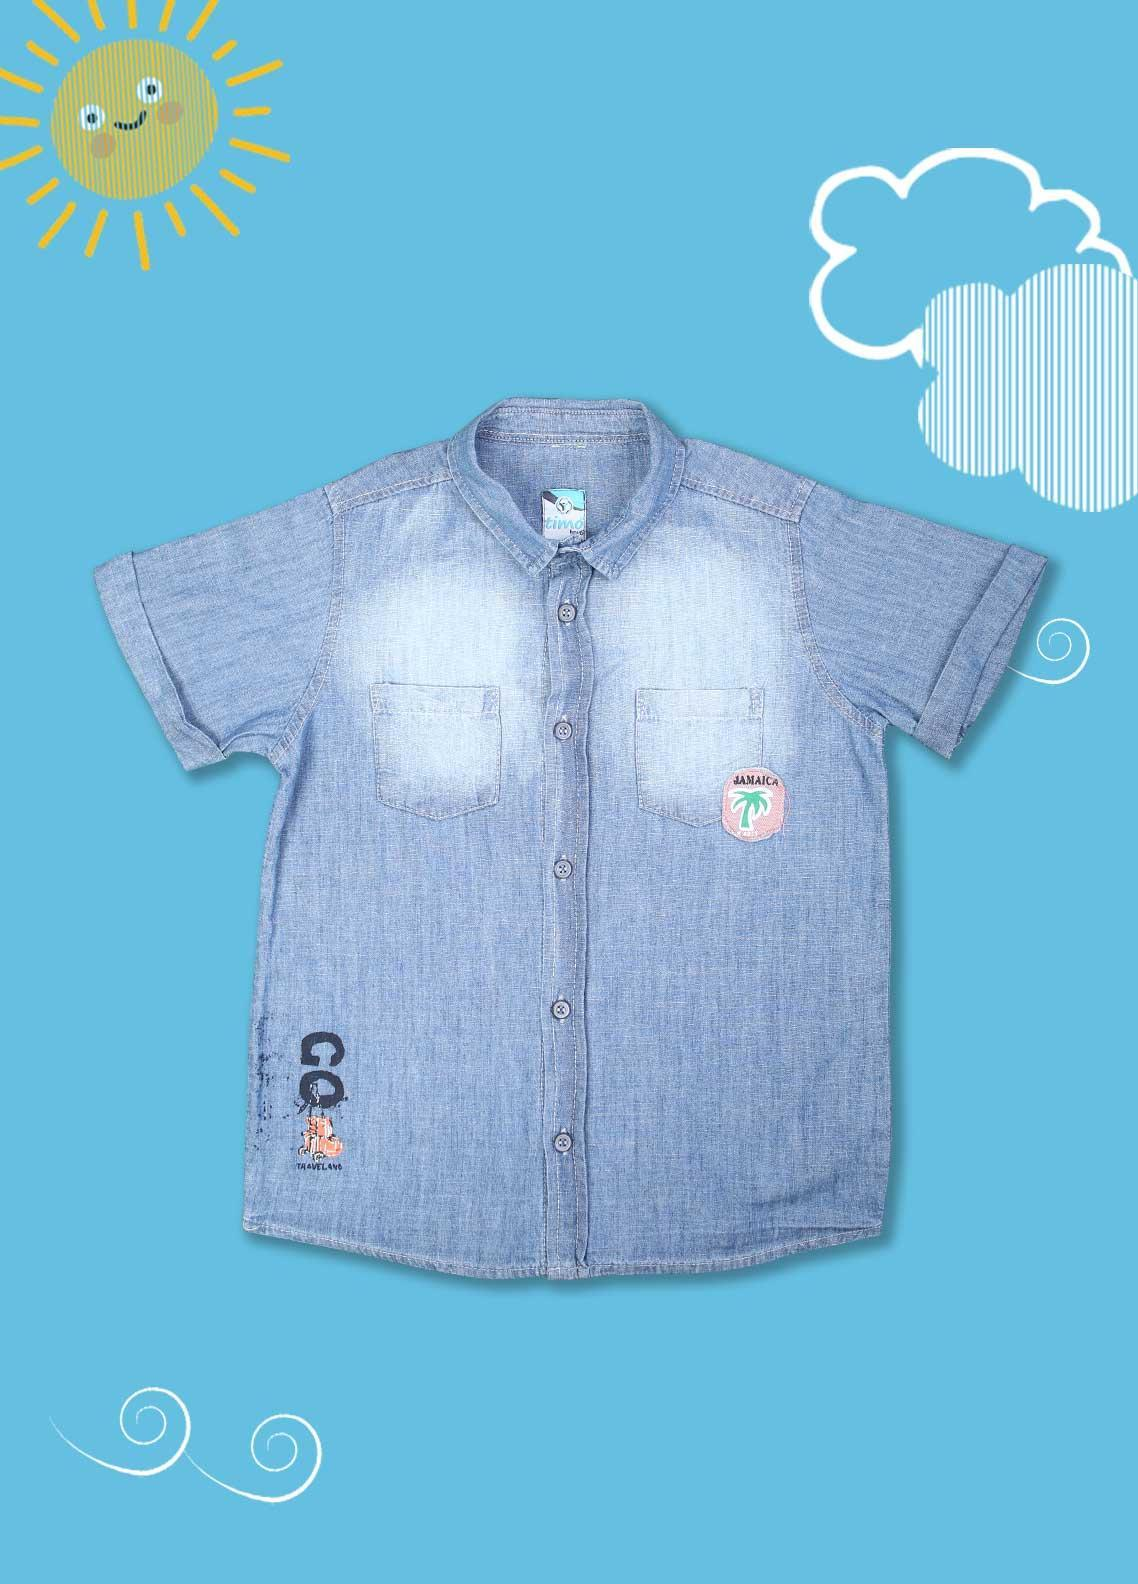 Sanaulla Exclusive Range Cotton Casual Boys Shirts -  D-503 Blue